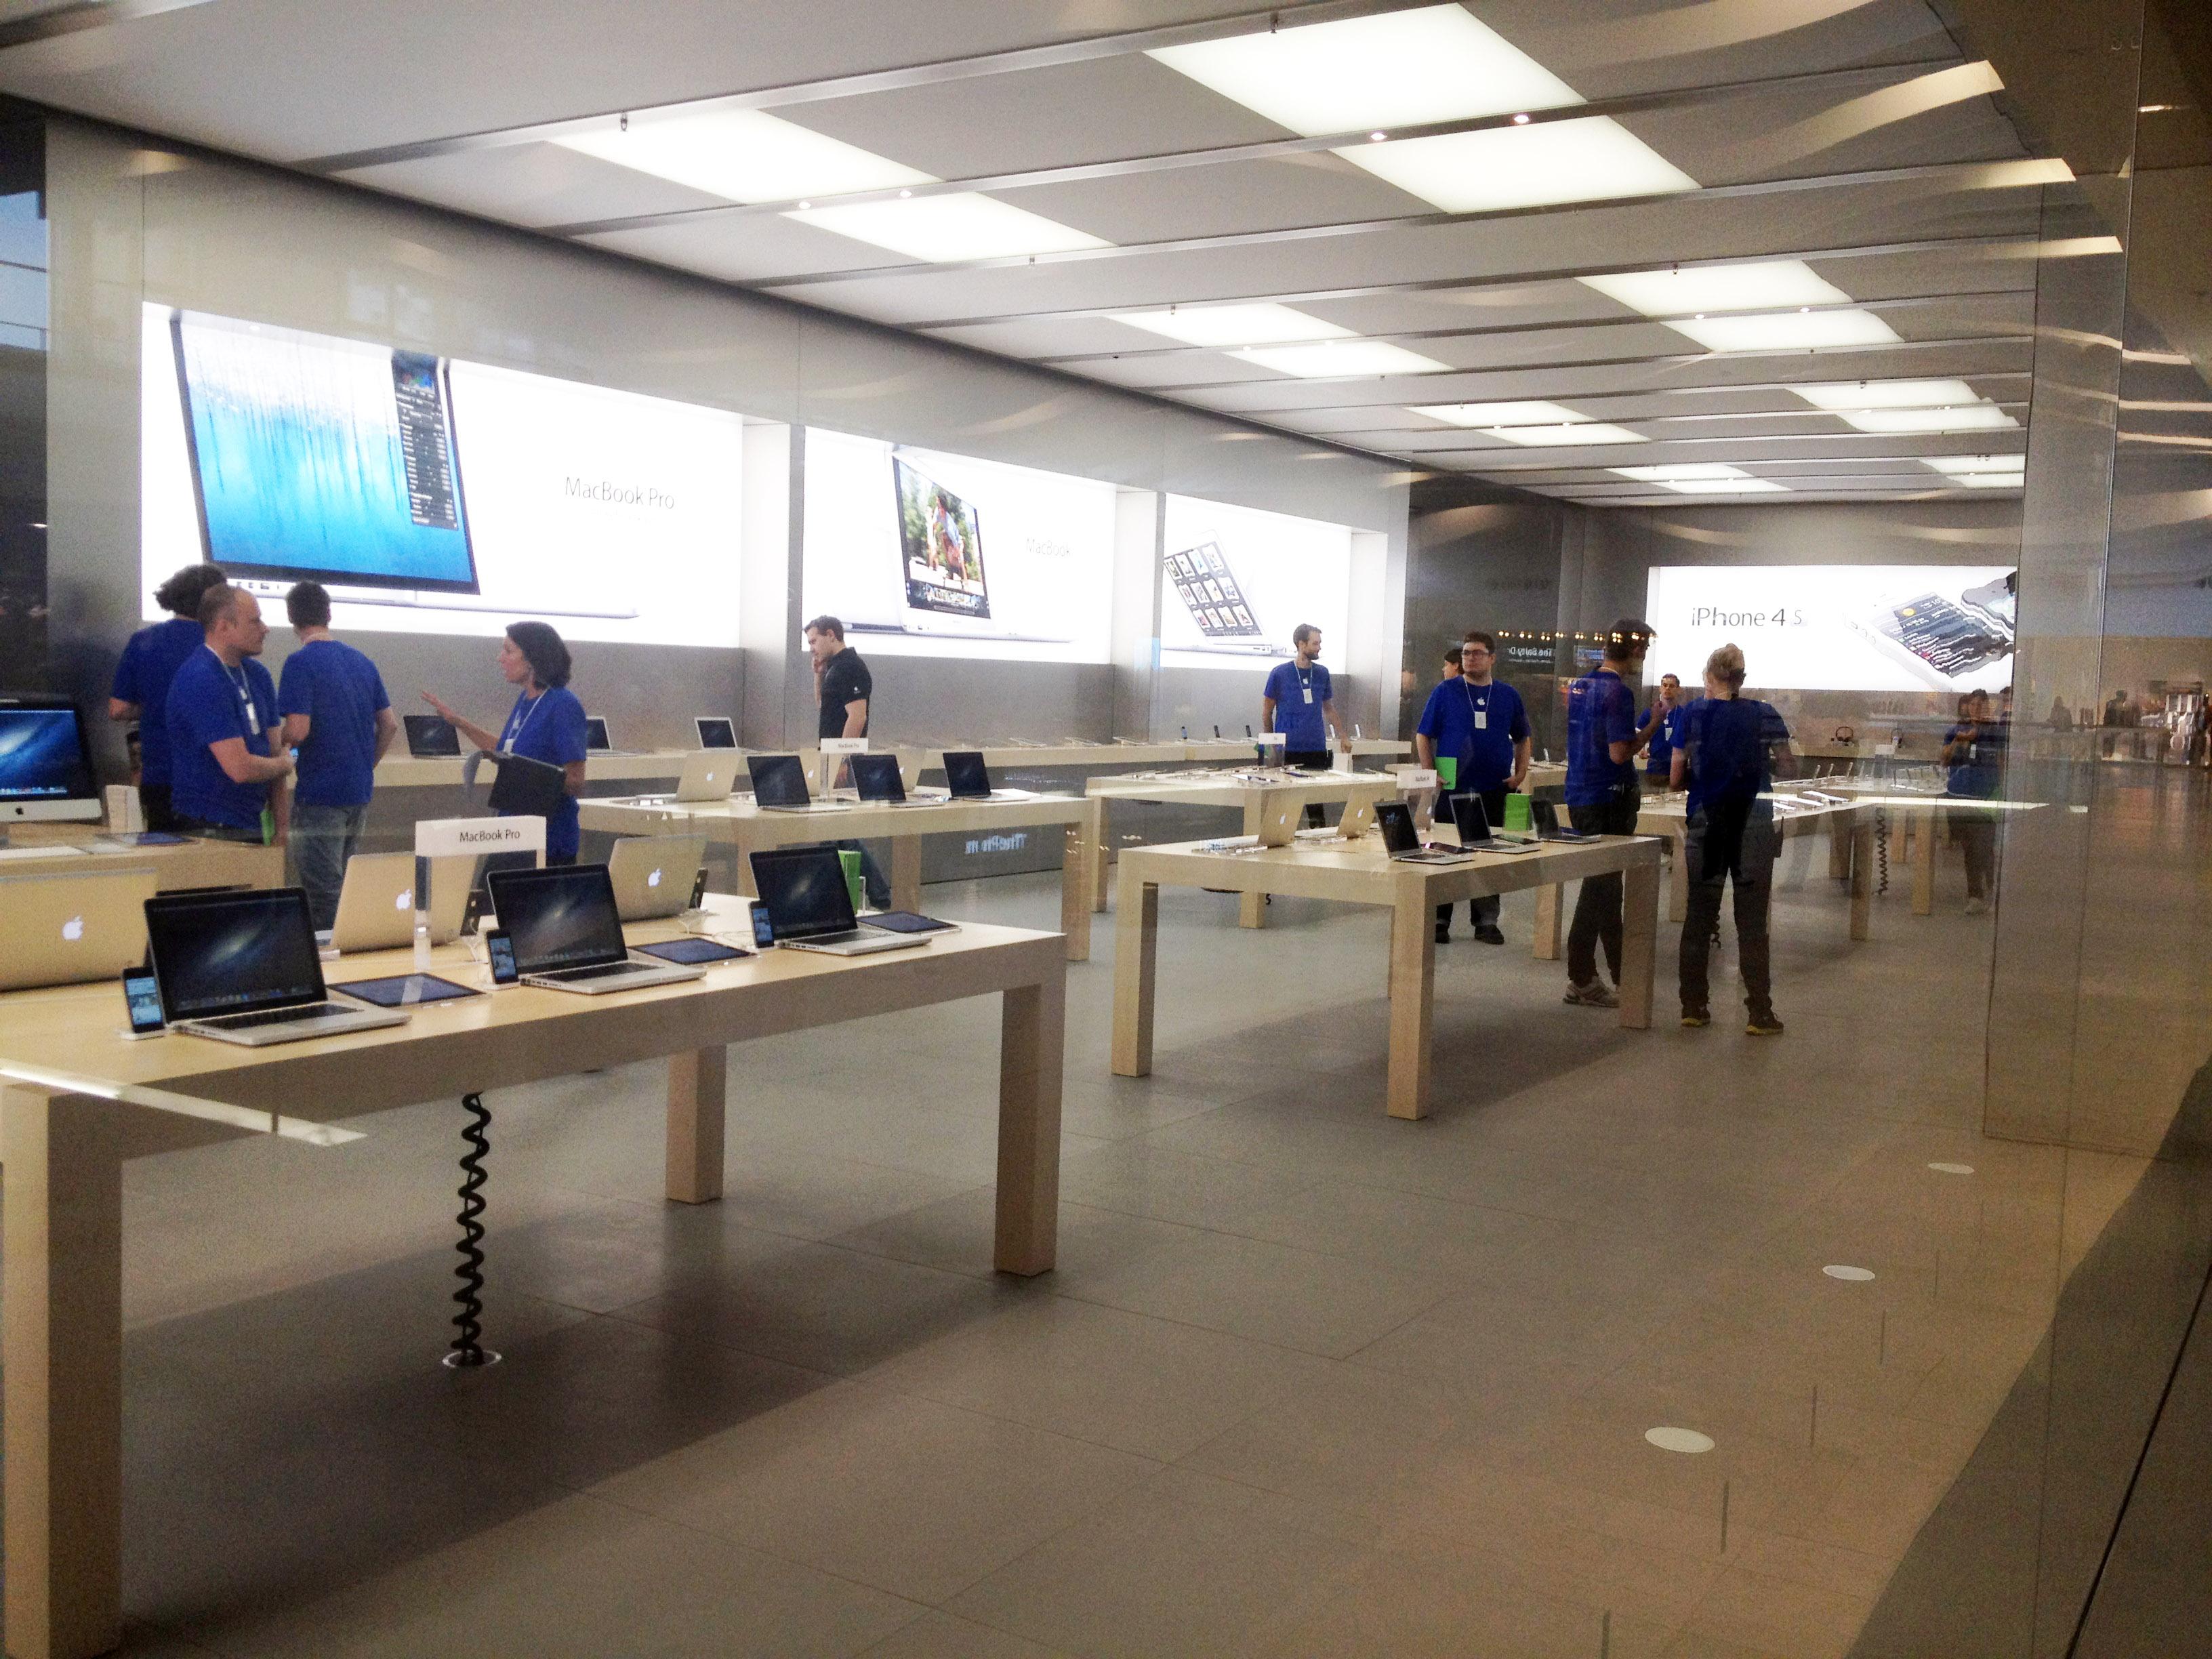 Apple Store Ceiling Light